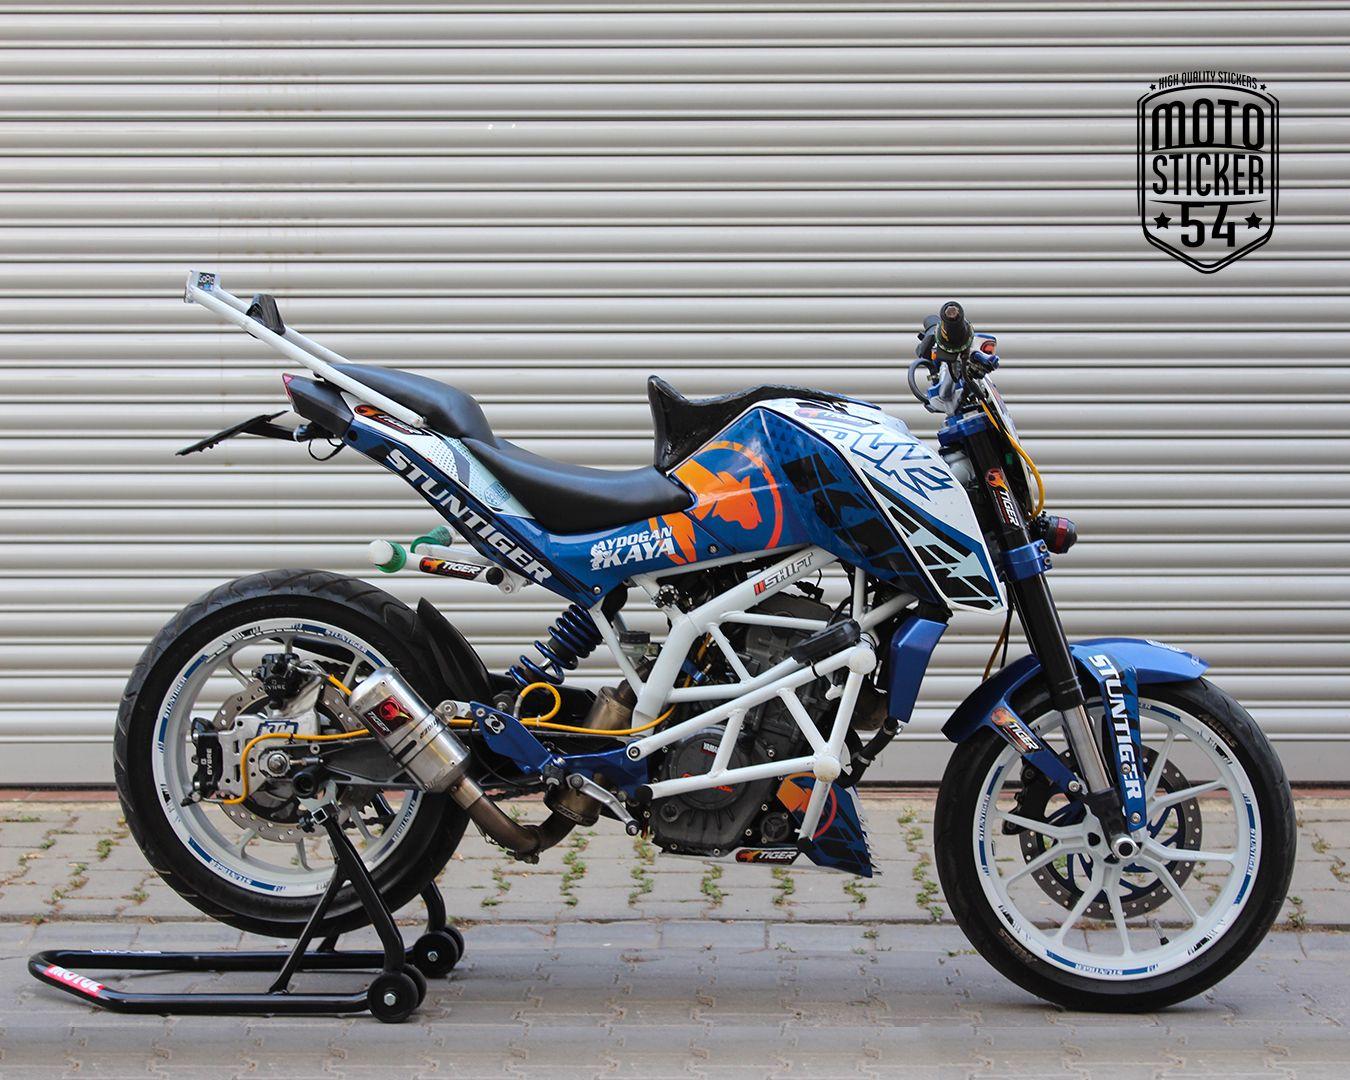 Ktm Duke 200 Aydogan Kaya Custom Design Sticker Kit